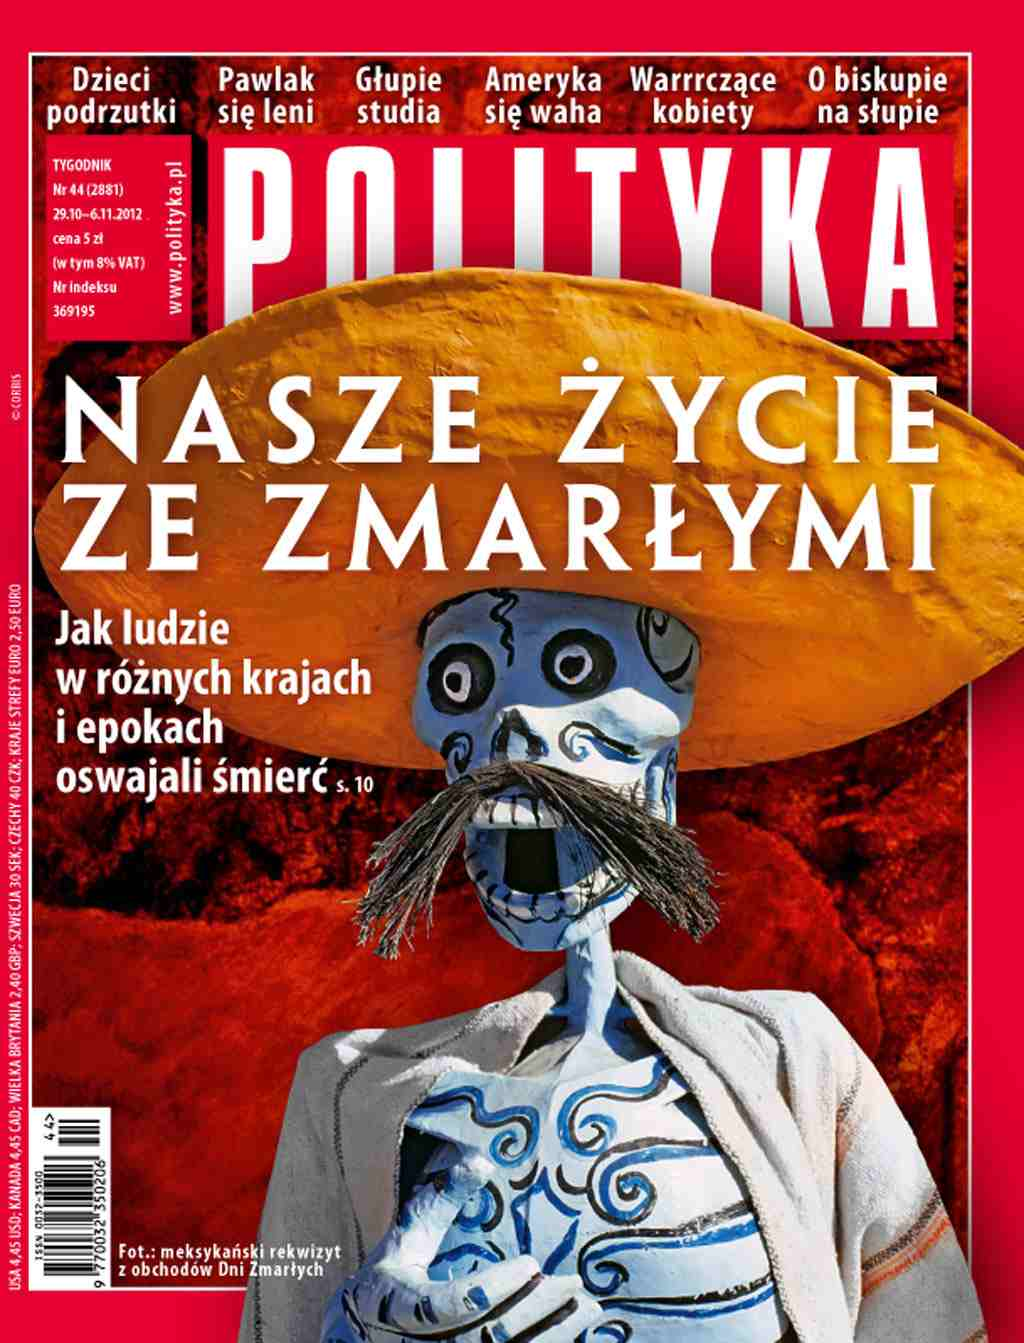 Polityka nr 44/2012 - Ebook (Książka PDF) do pobrania w formacie PDF